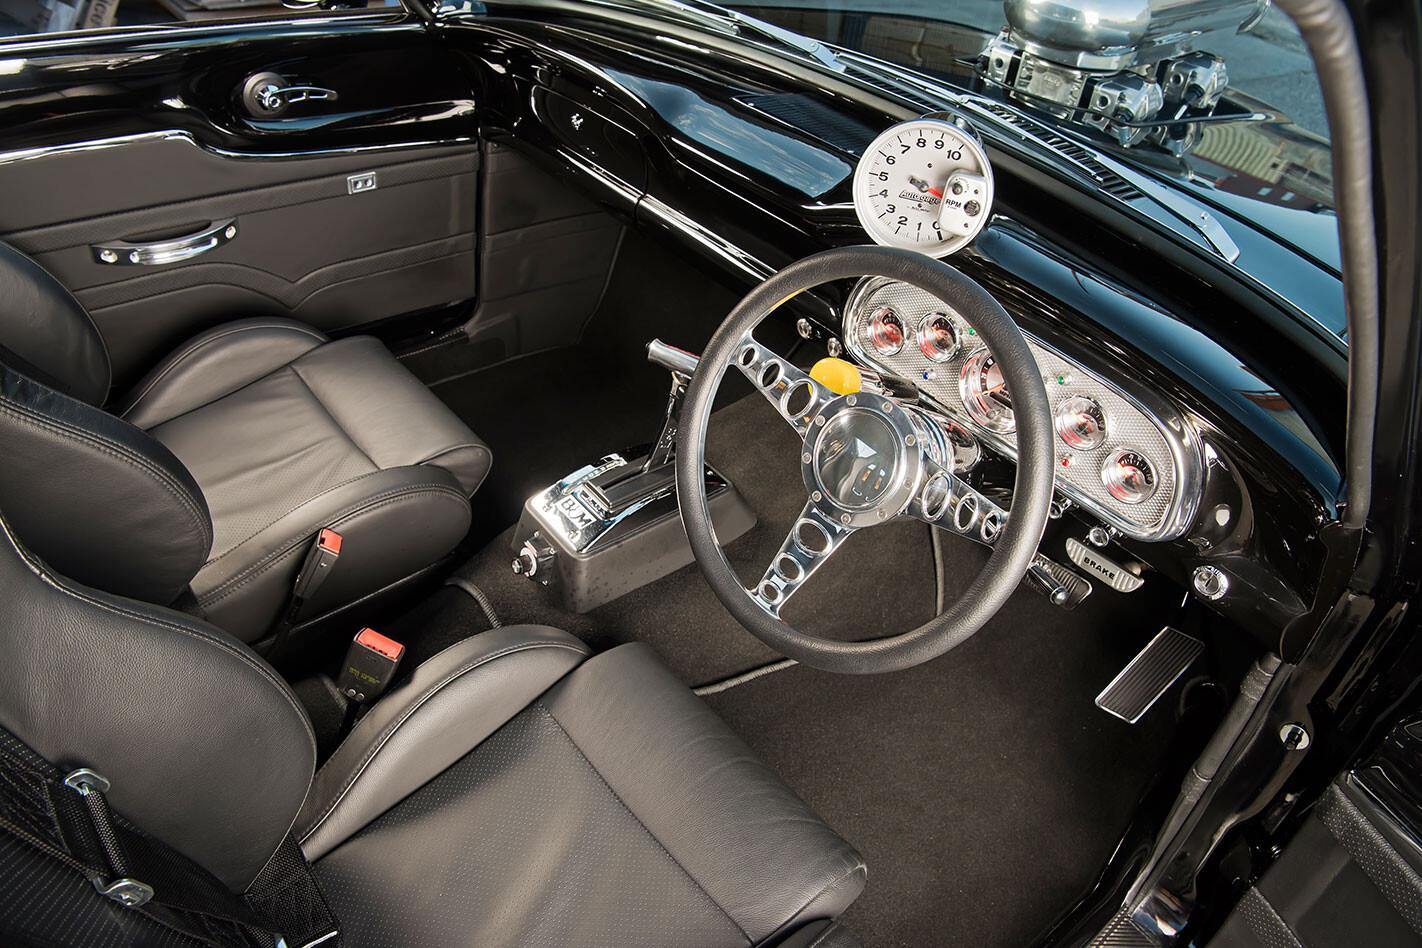 Ford Falcon XK ute interior